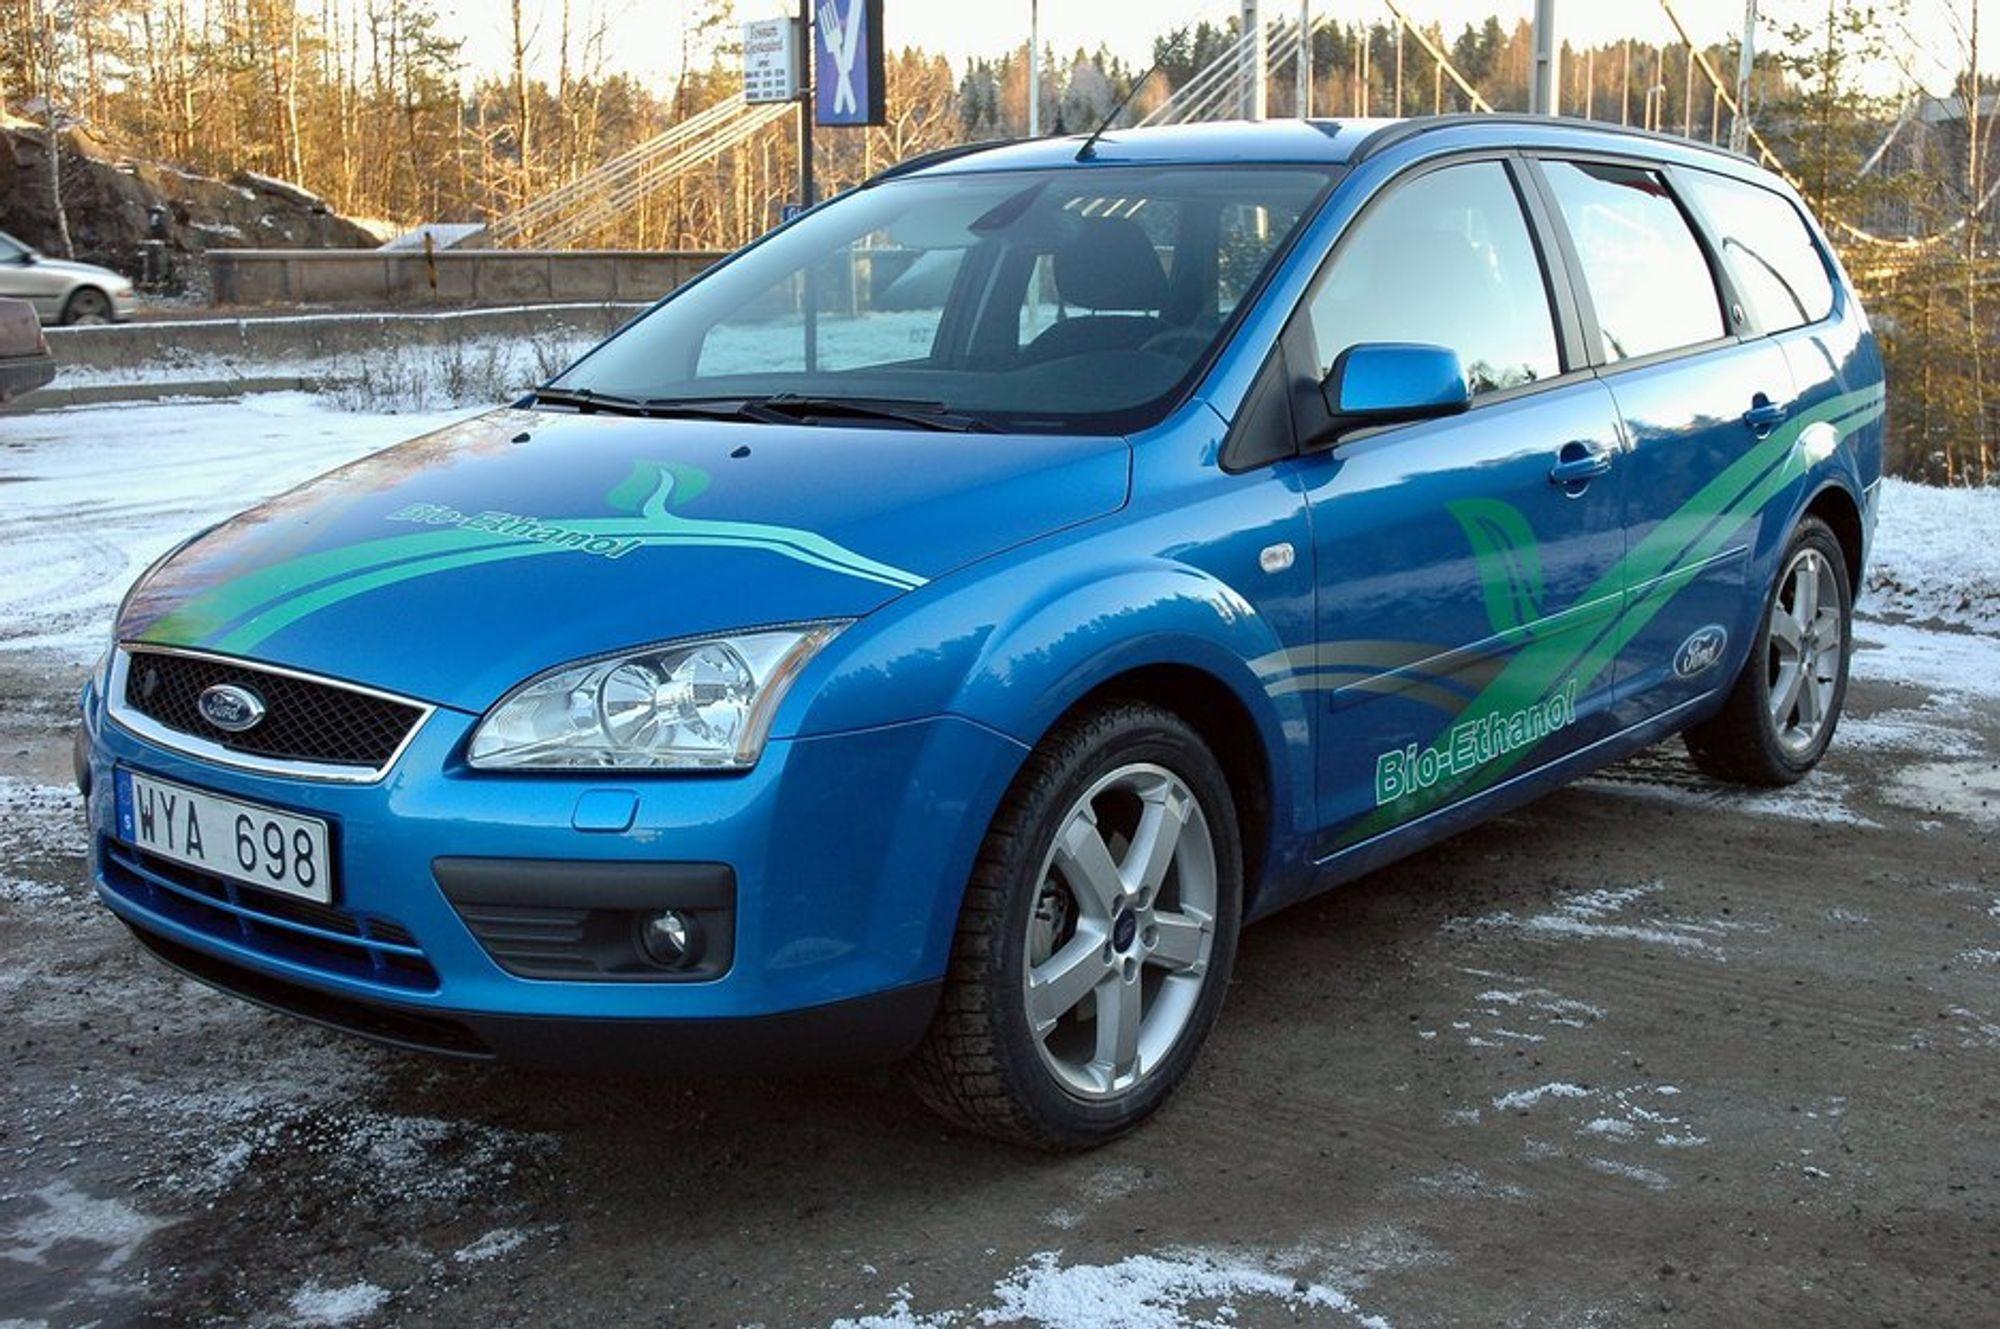 NYBILER: Salget av nye biler som kan gå på flere typer drivstoff, flexi fuel vehicles, øker. 94 prosent av alle Ford Focus solgt i Sverige skal ha denne muligheten.